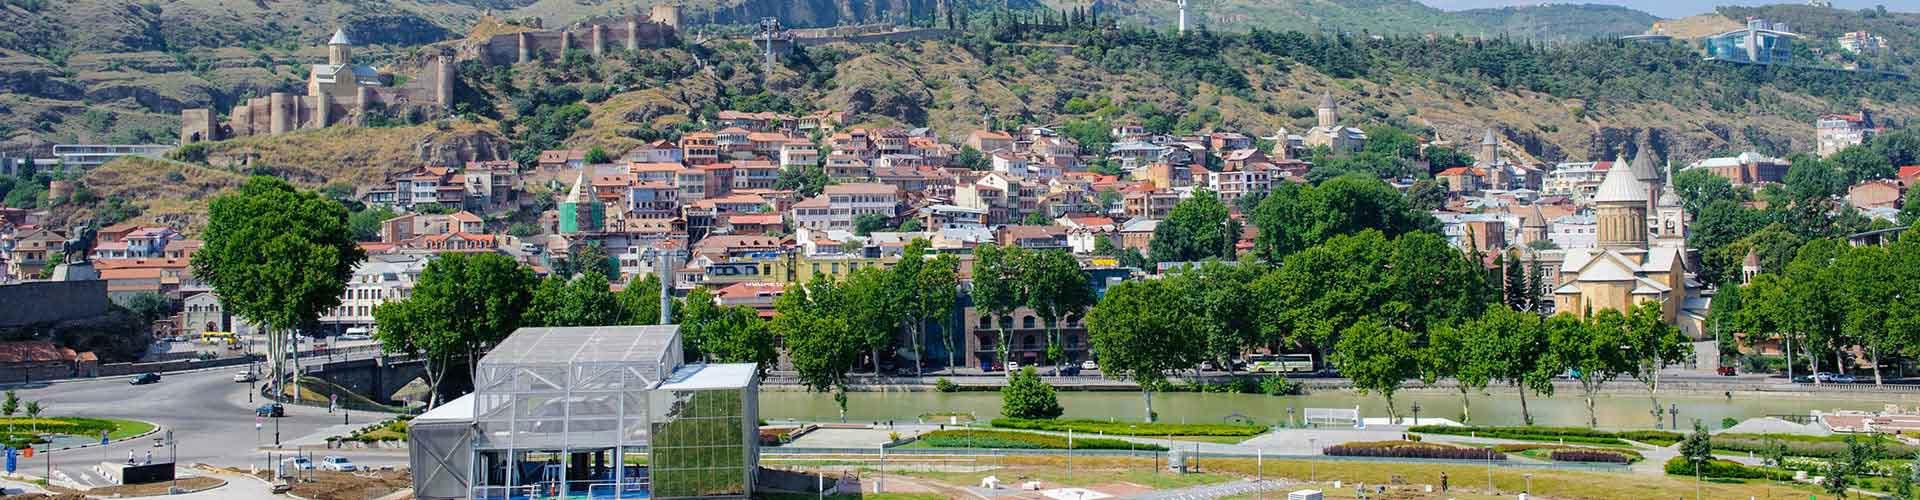 Tbilisi - Campamentos en Tbilisi. Mapas de Tbilisi, Fotos y comentarios de cada Campamento en Tbilisi.